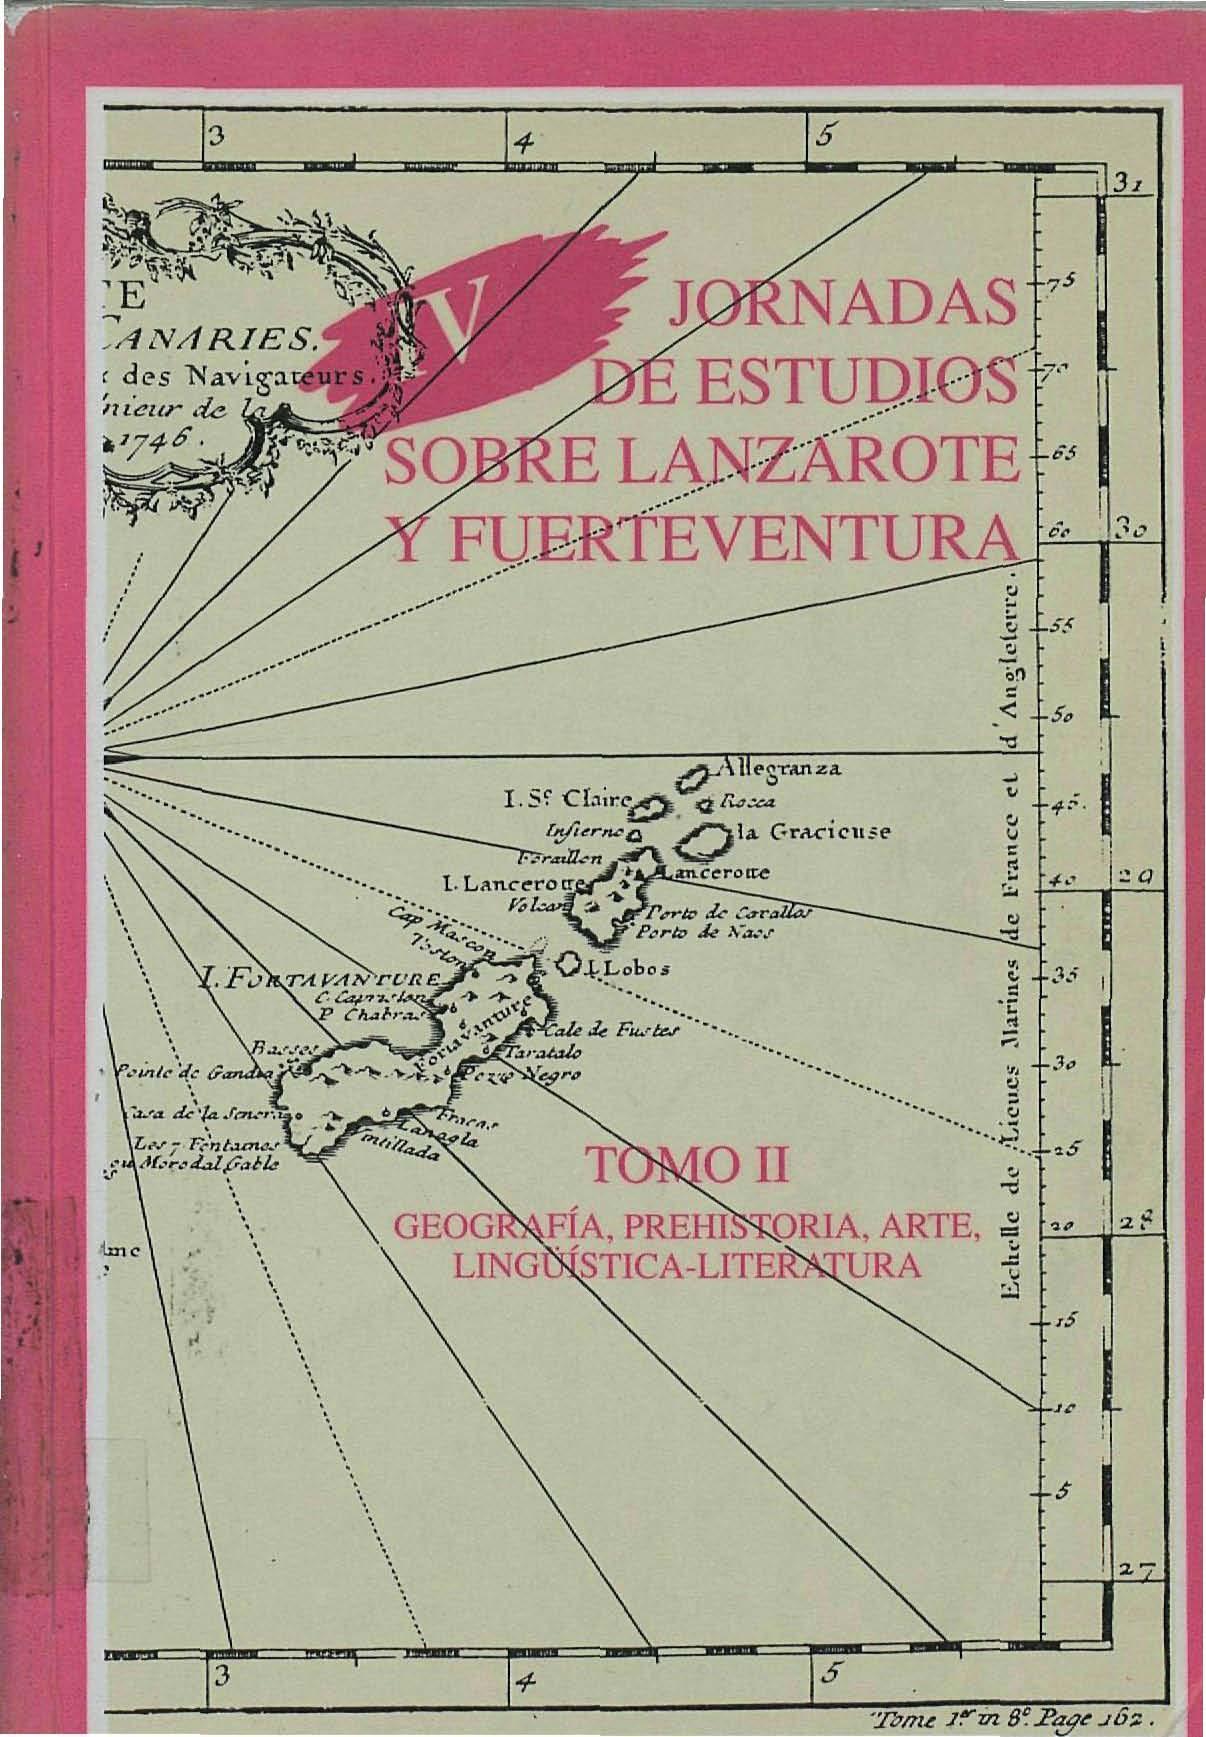 Estudio de las lluvias torrenciales acaecidas en febrero de 1989 en Lanzarote